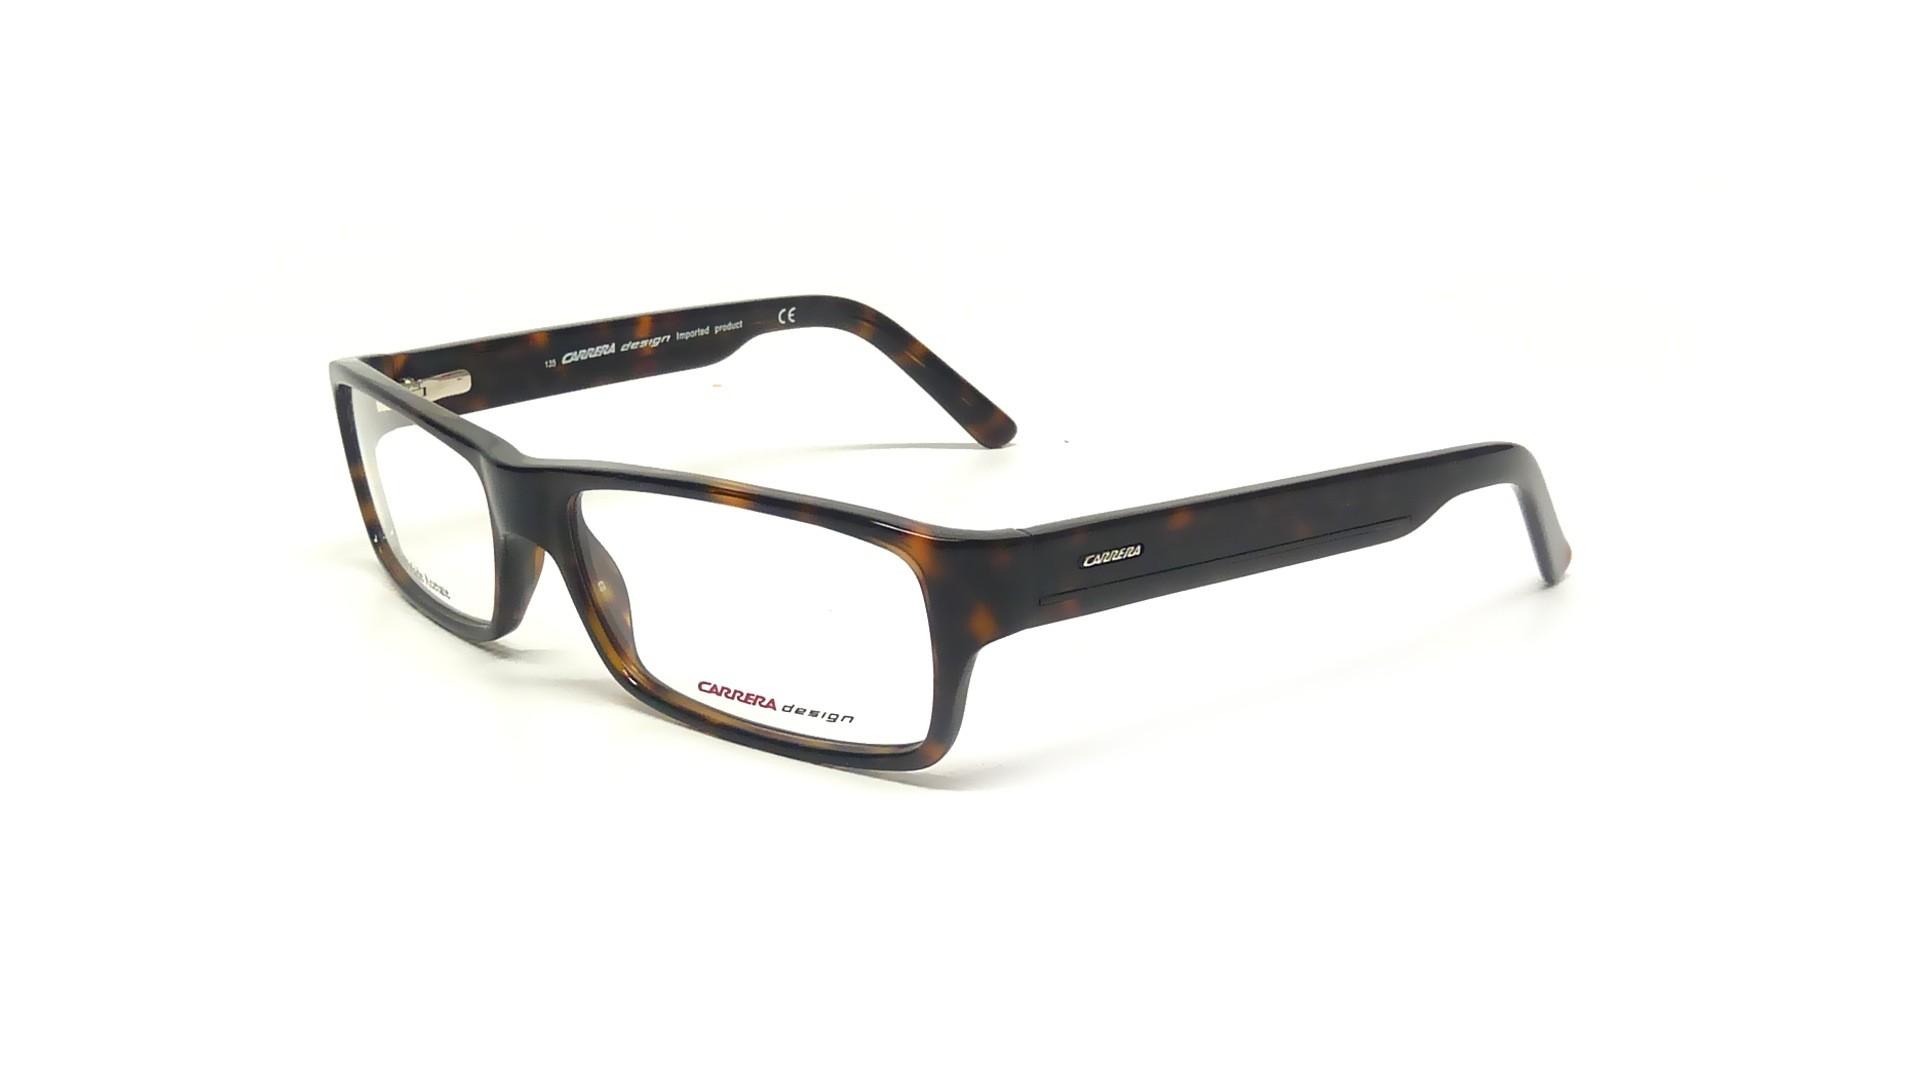 Eye glasses Carrera CA 6132 086 Tortoise